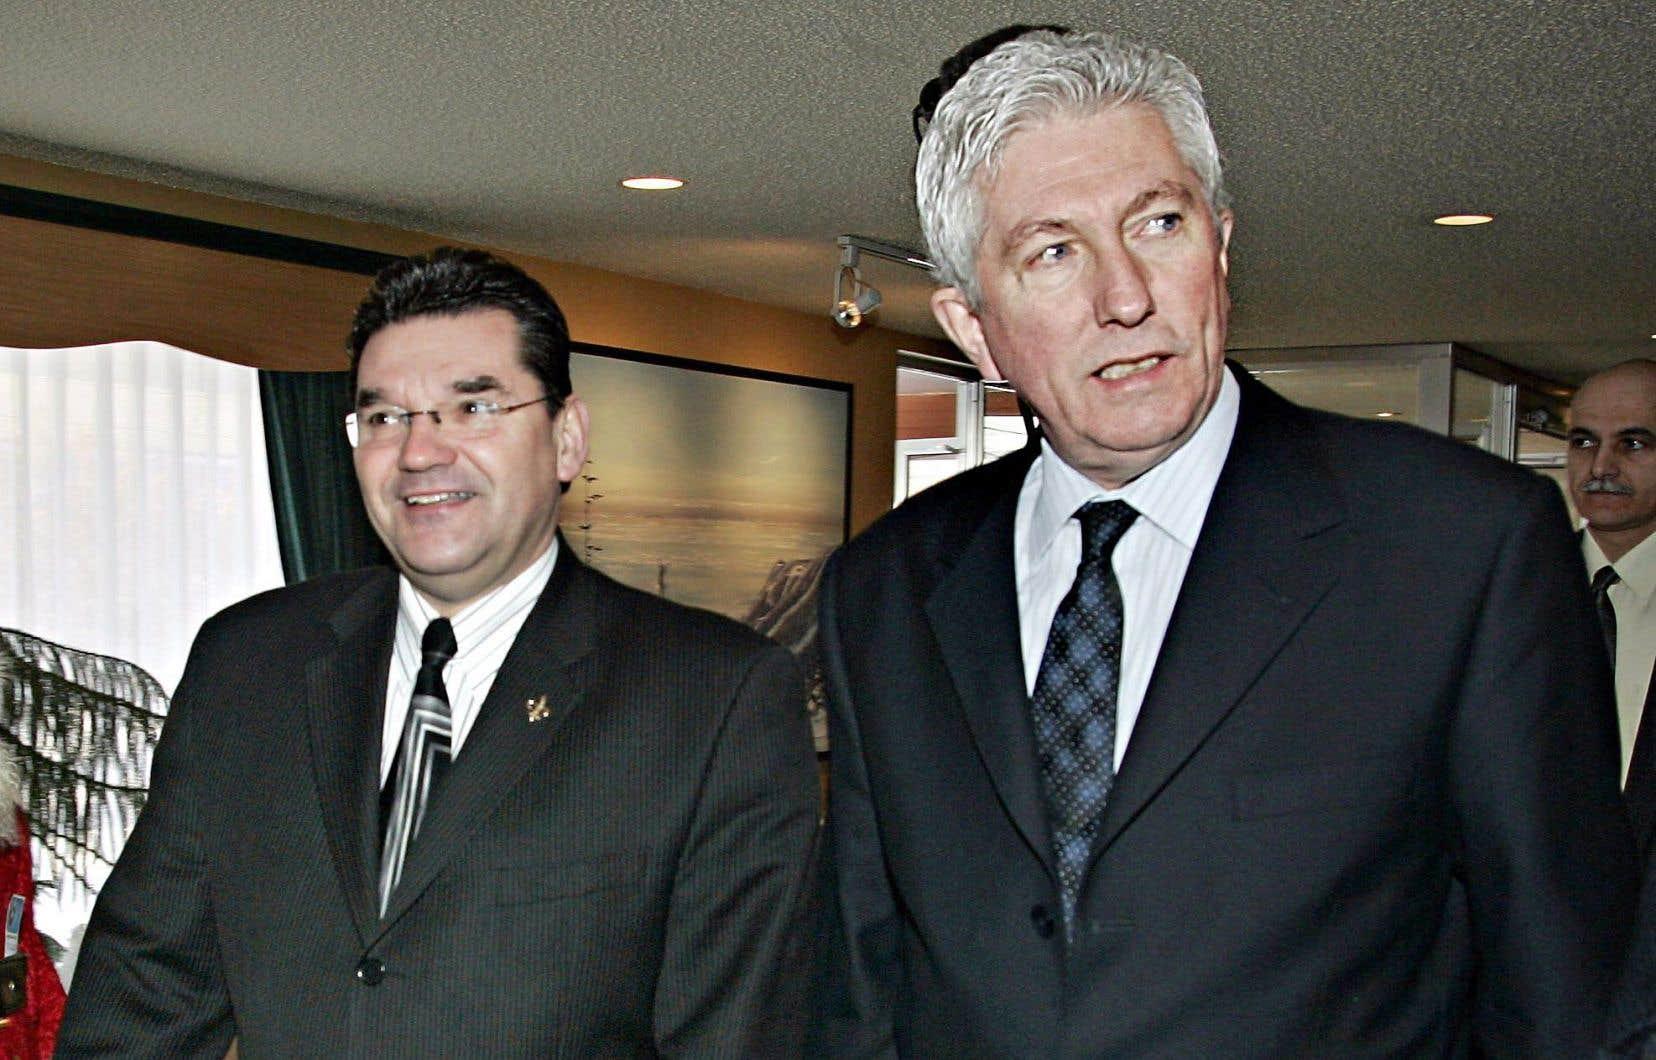 Michel Guimond (à gauche) en compagnie de l'ancien chef du Bloc québécois, Gilles Duceppe, en 2005